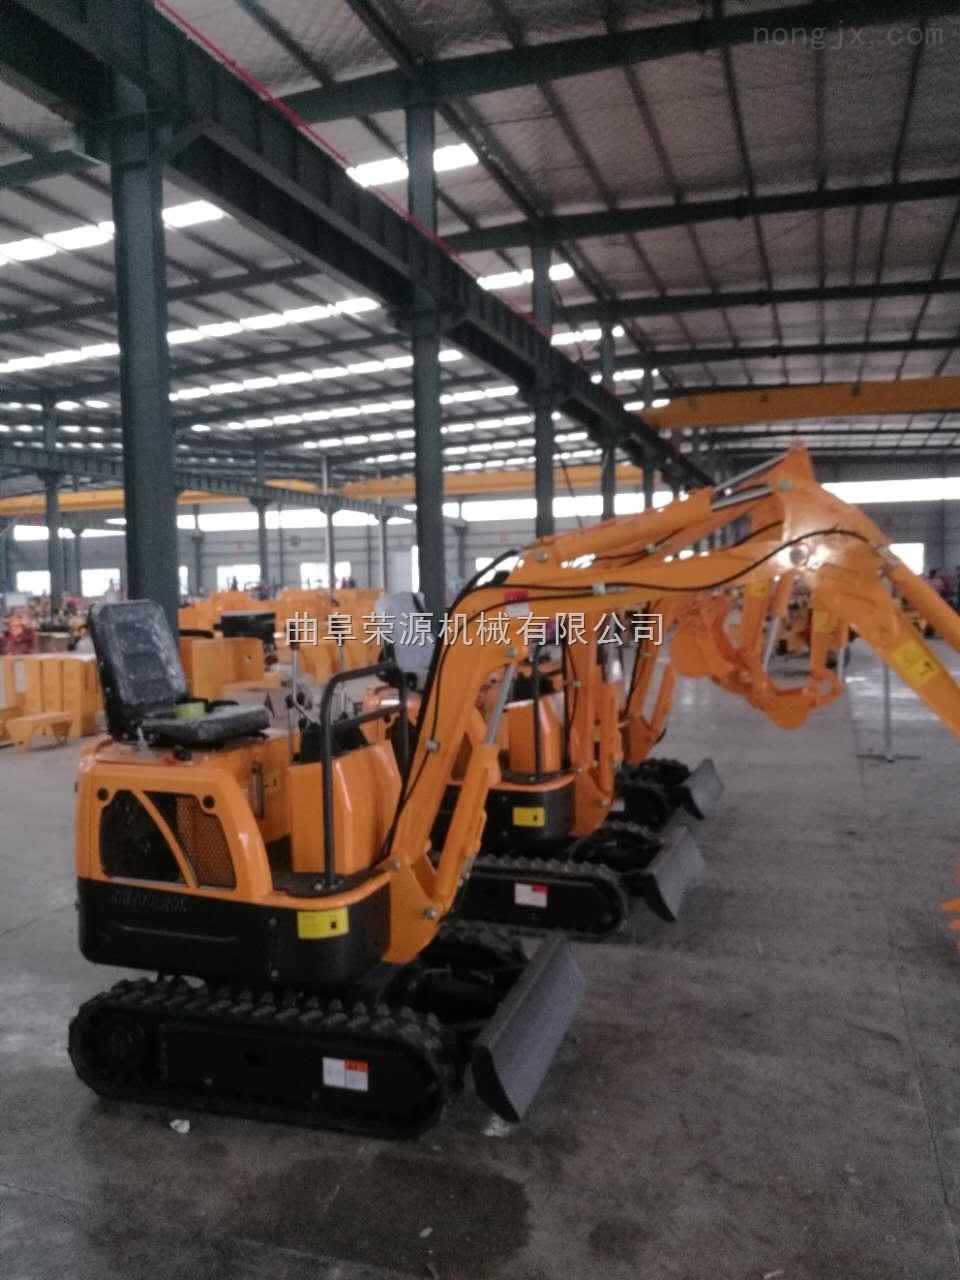 省时省力的电动挖掘机生产商  挖掘机哪里卖的便宜